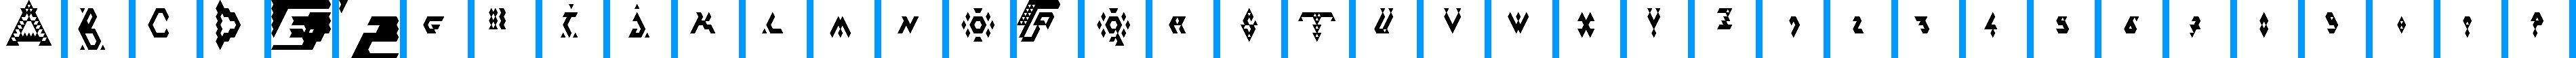 Particip-a-type v.145